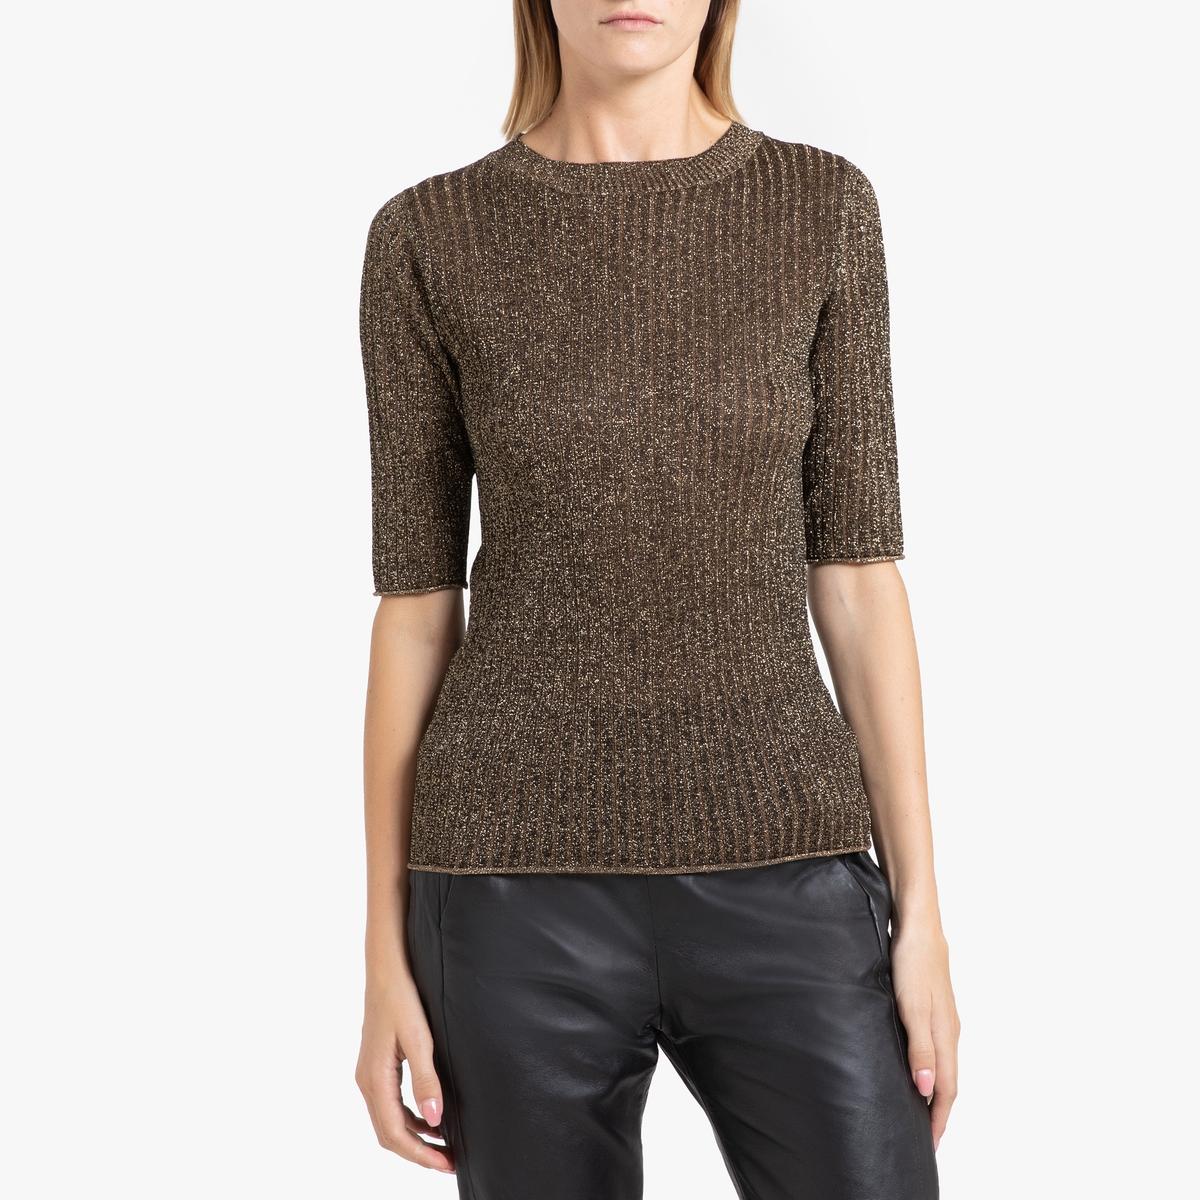 цена Пуловер La Redoute С круглым вырезом из тонкого блестящего трикотажа GLITTER 42 (FR) - 48 (RUS) черный онлайн в 2017 году